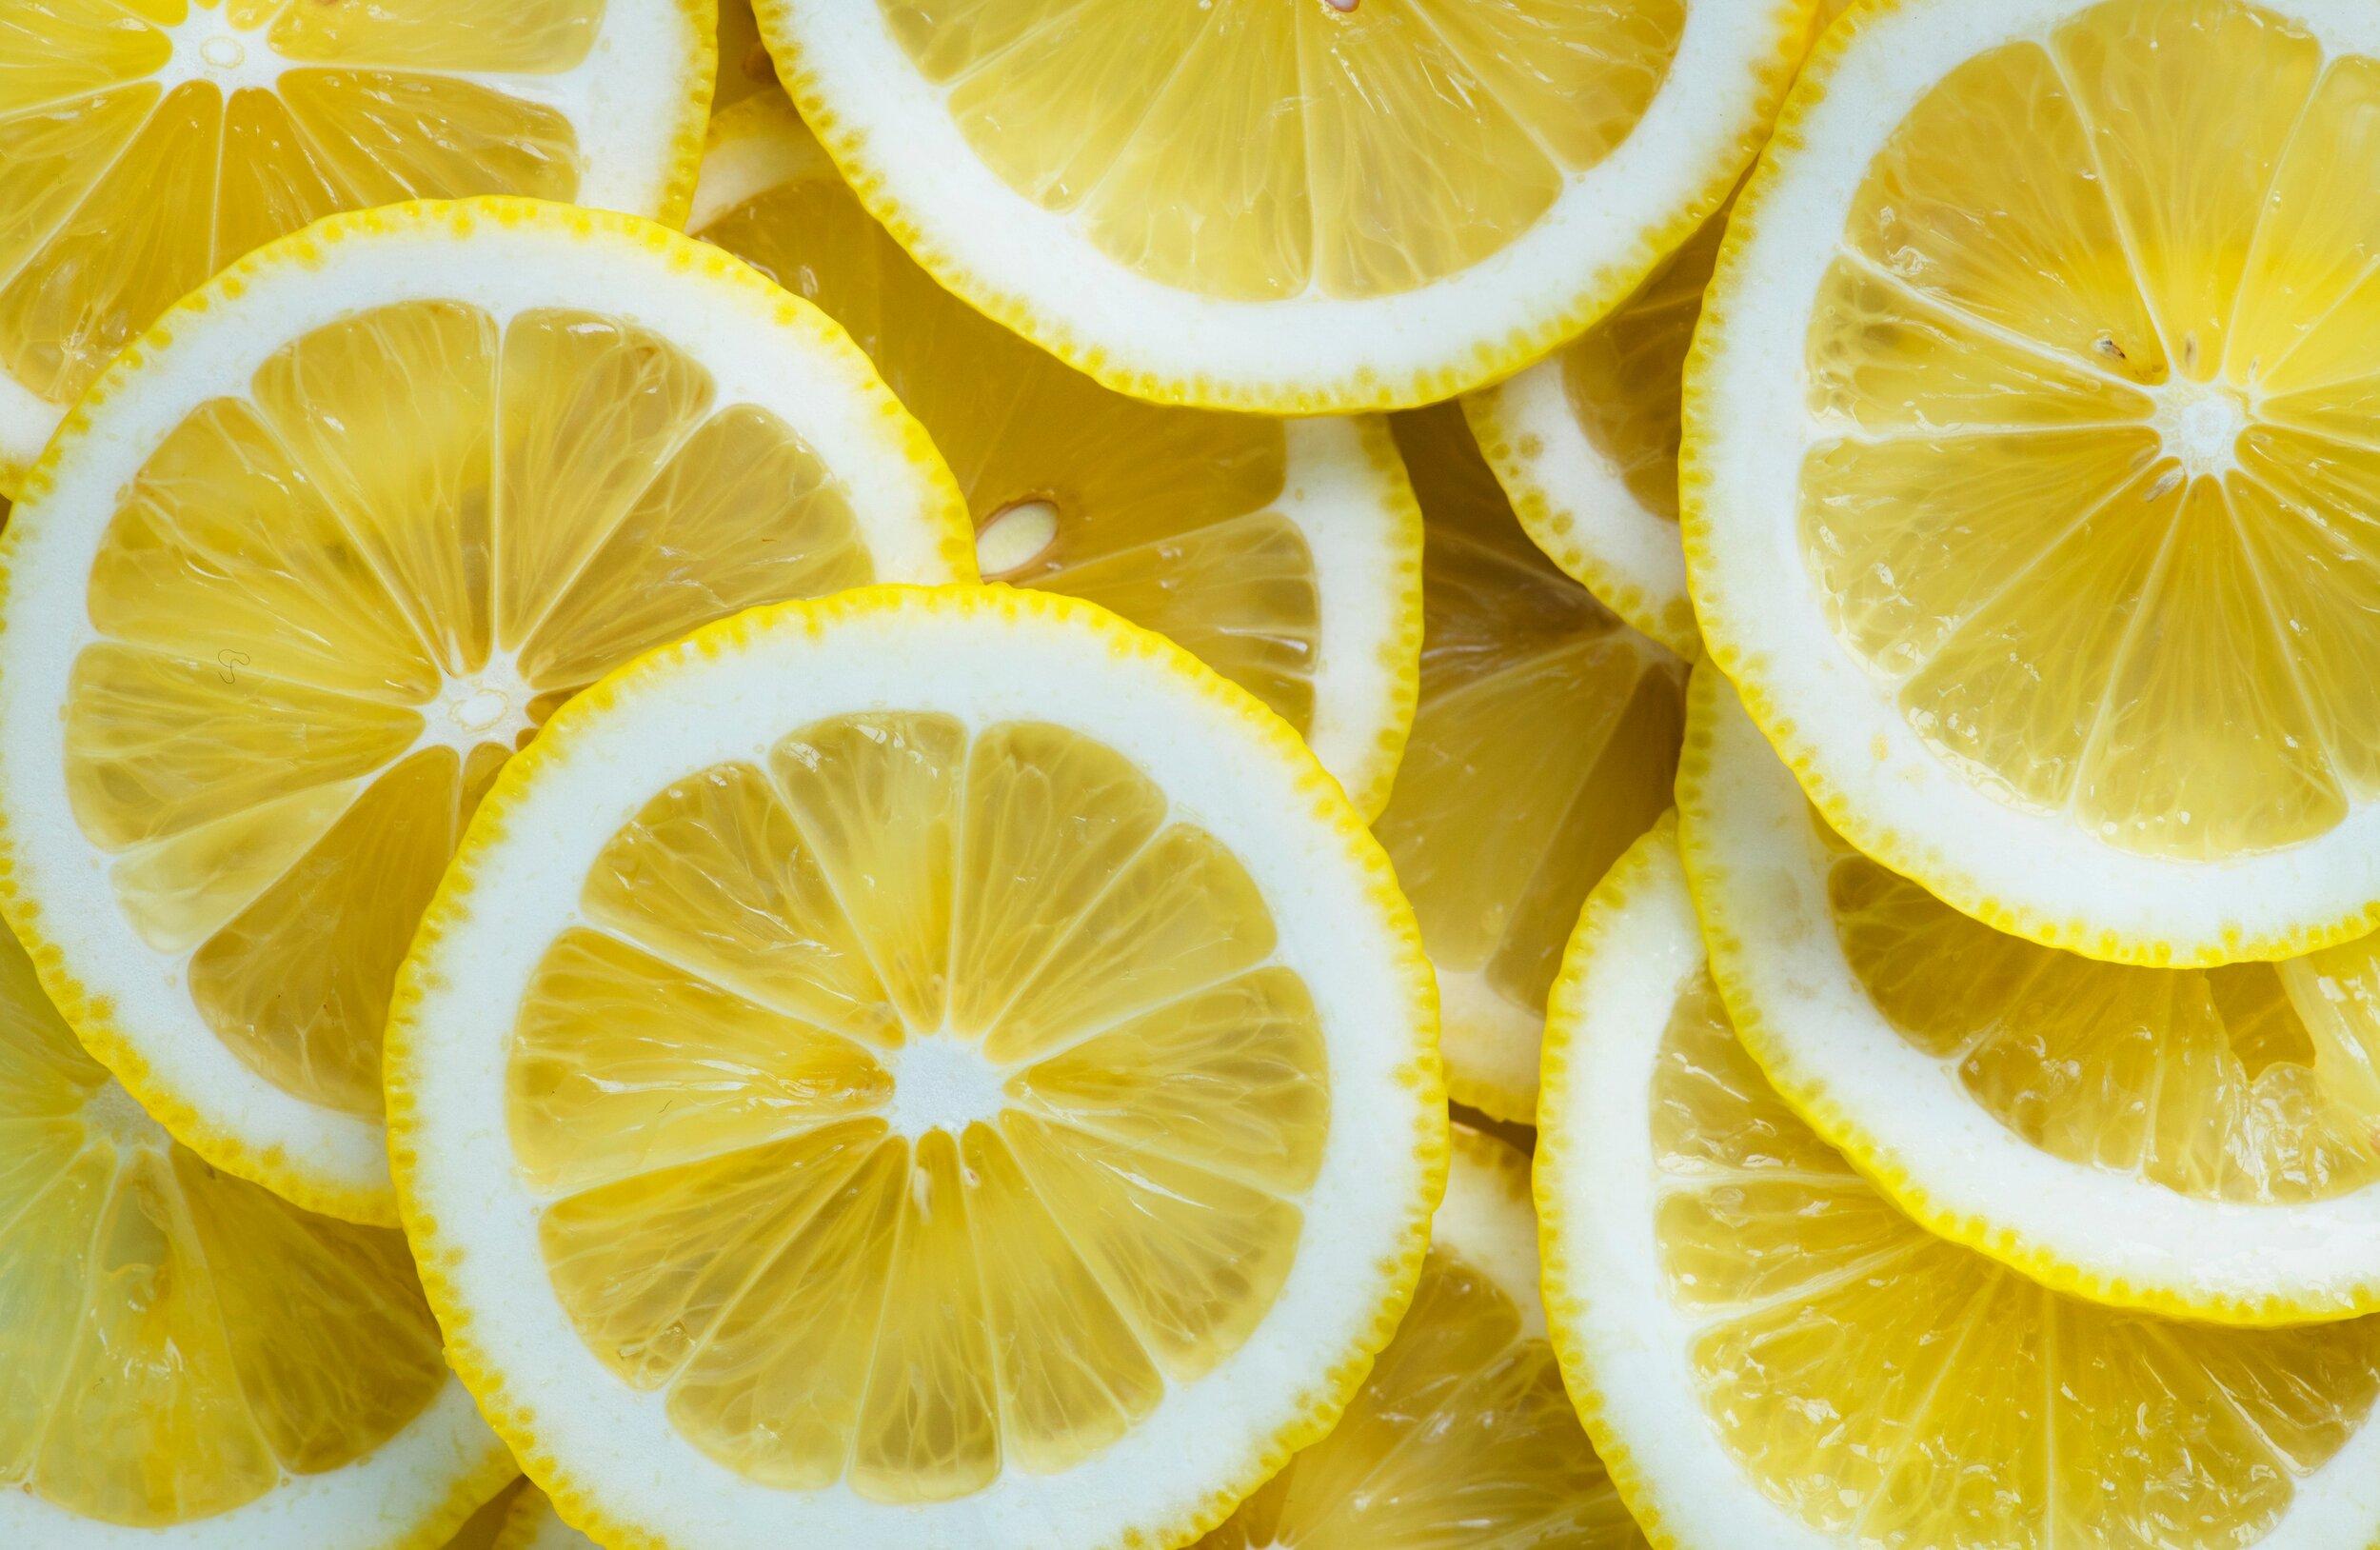 acidic-citrus-fruit-close-up-1536871.jpg